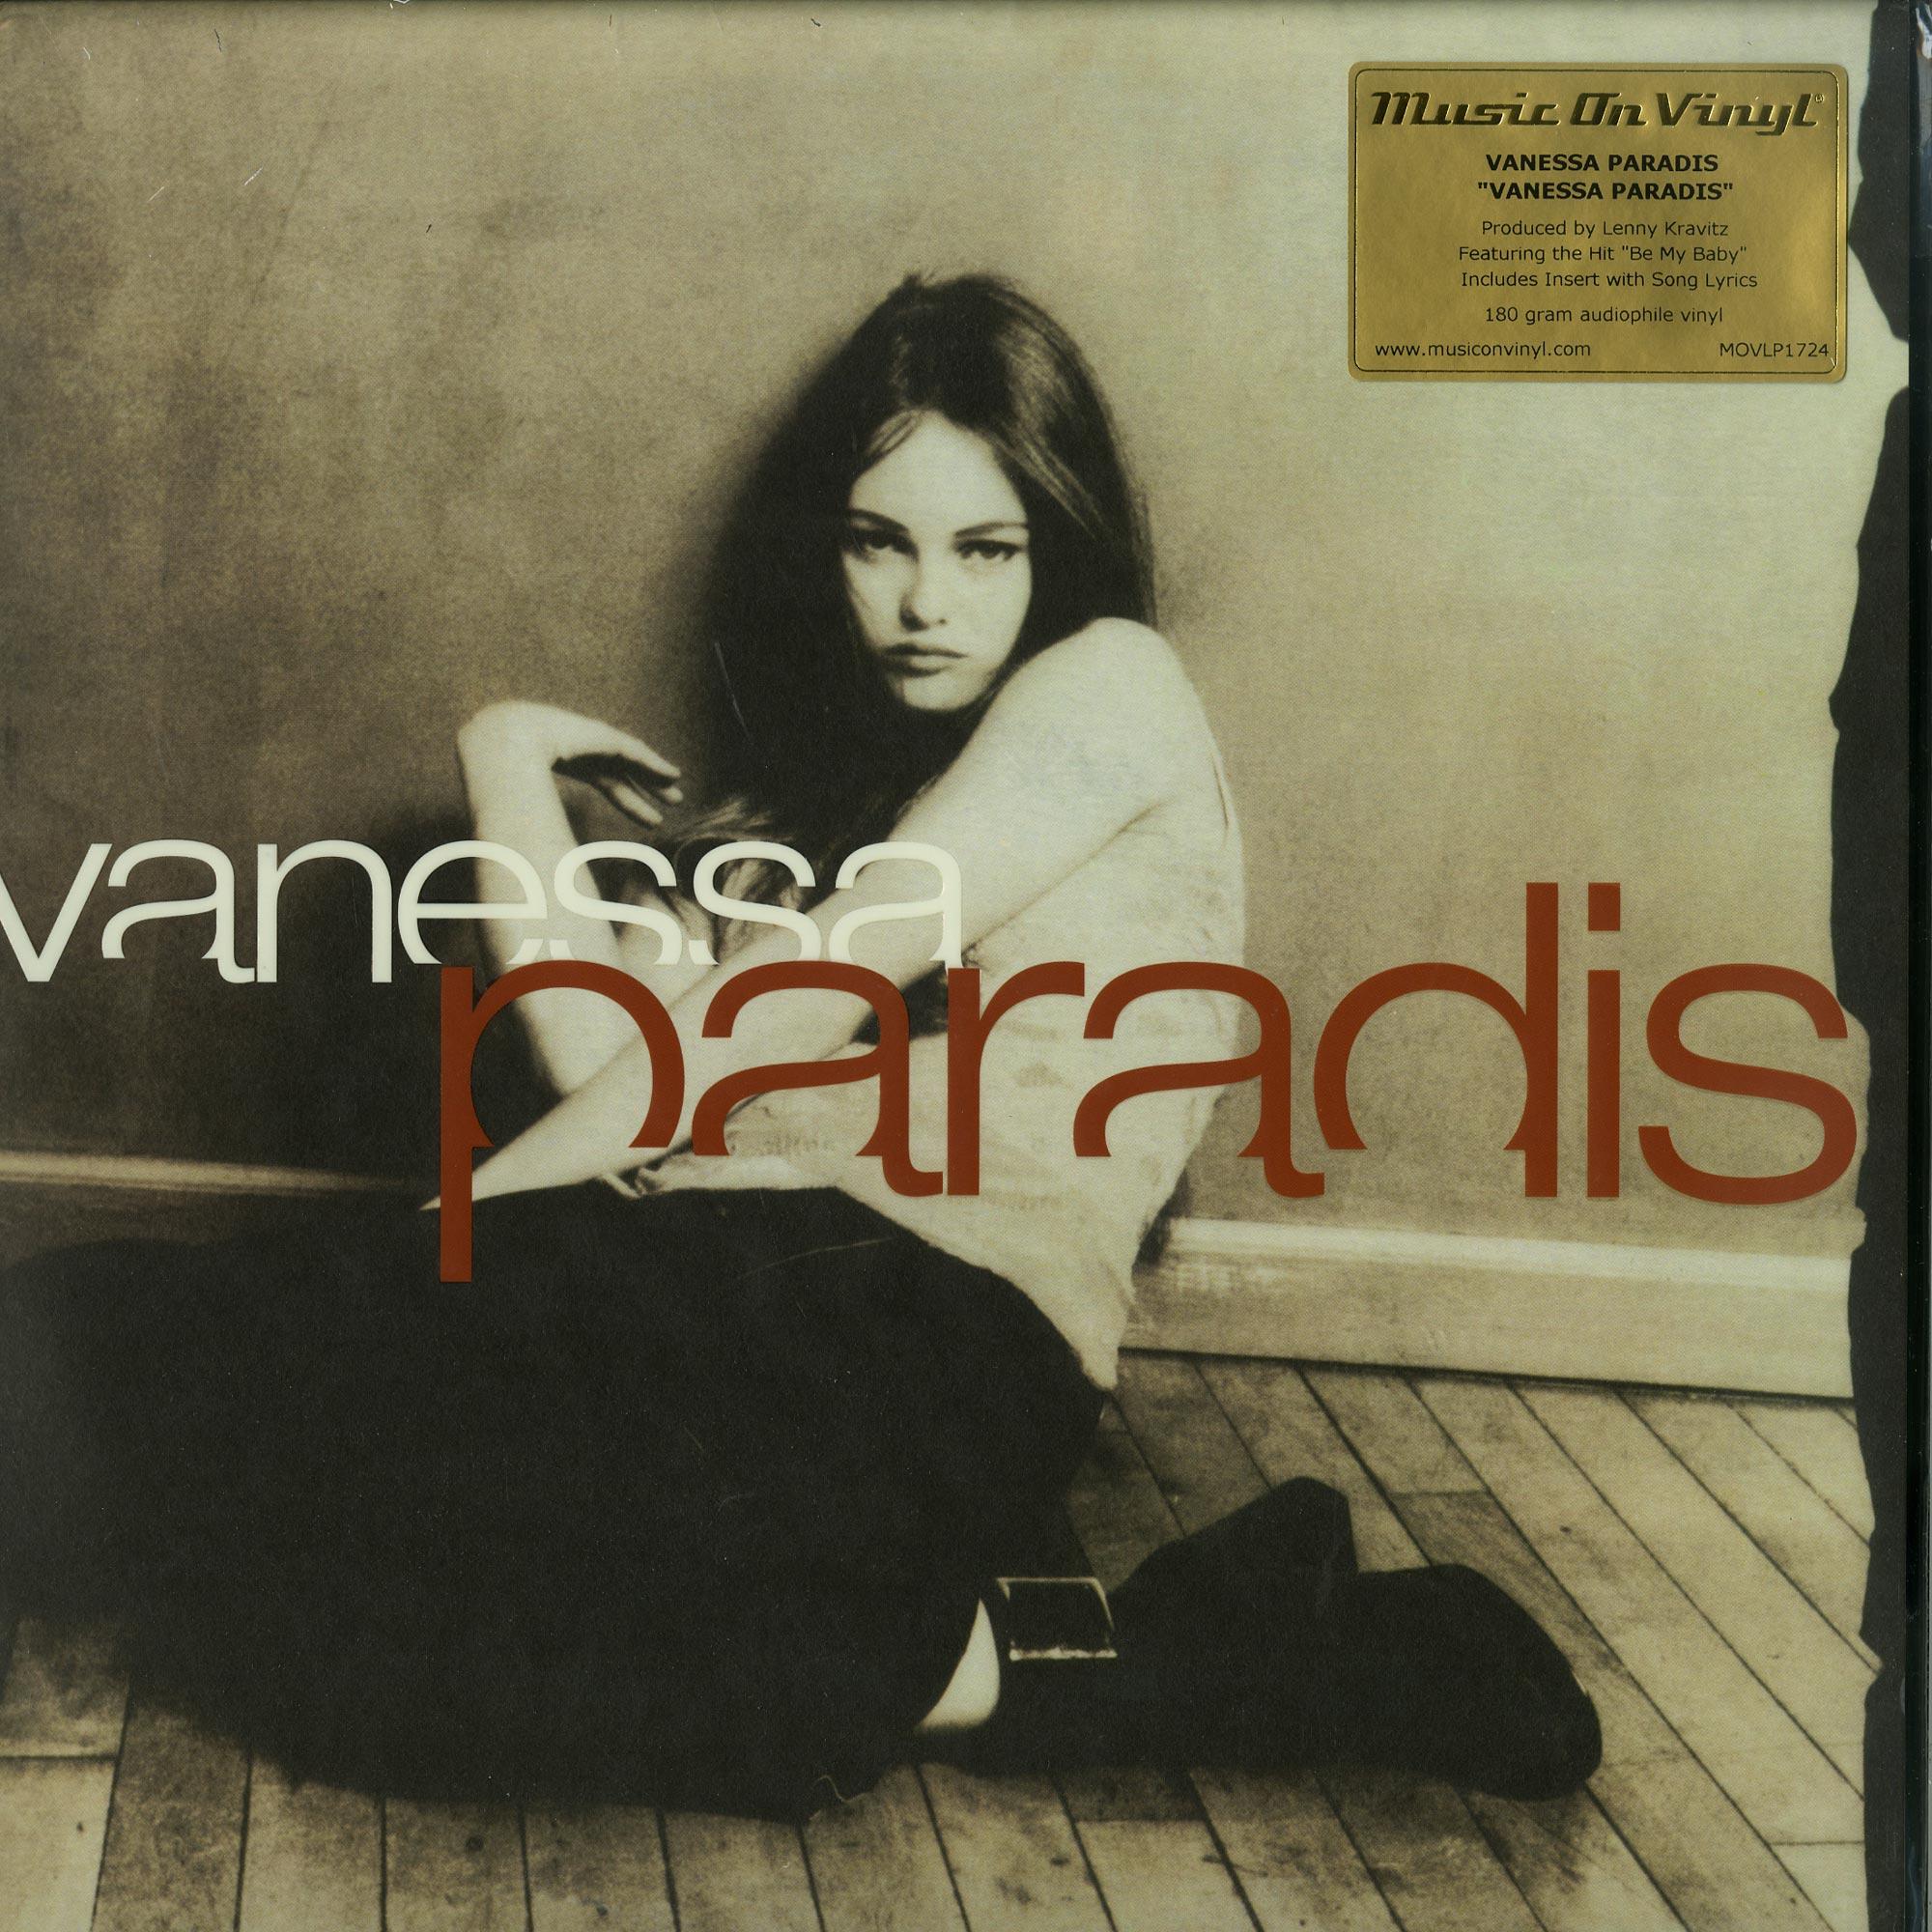 Vanessa Paradis - Vanessa Paradis (Vinyl, LP)